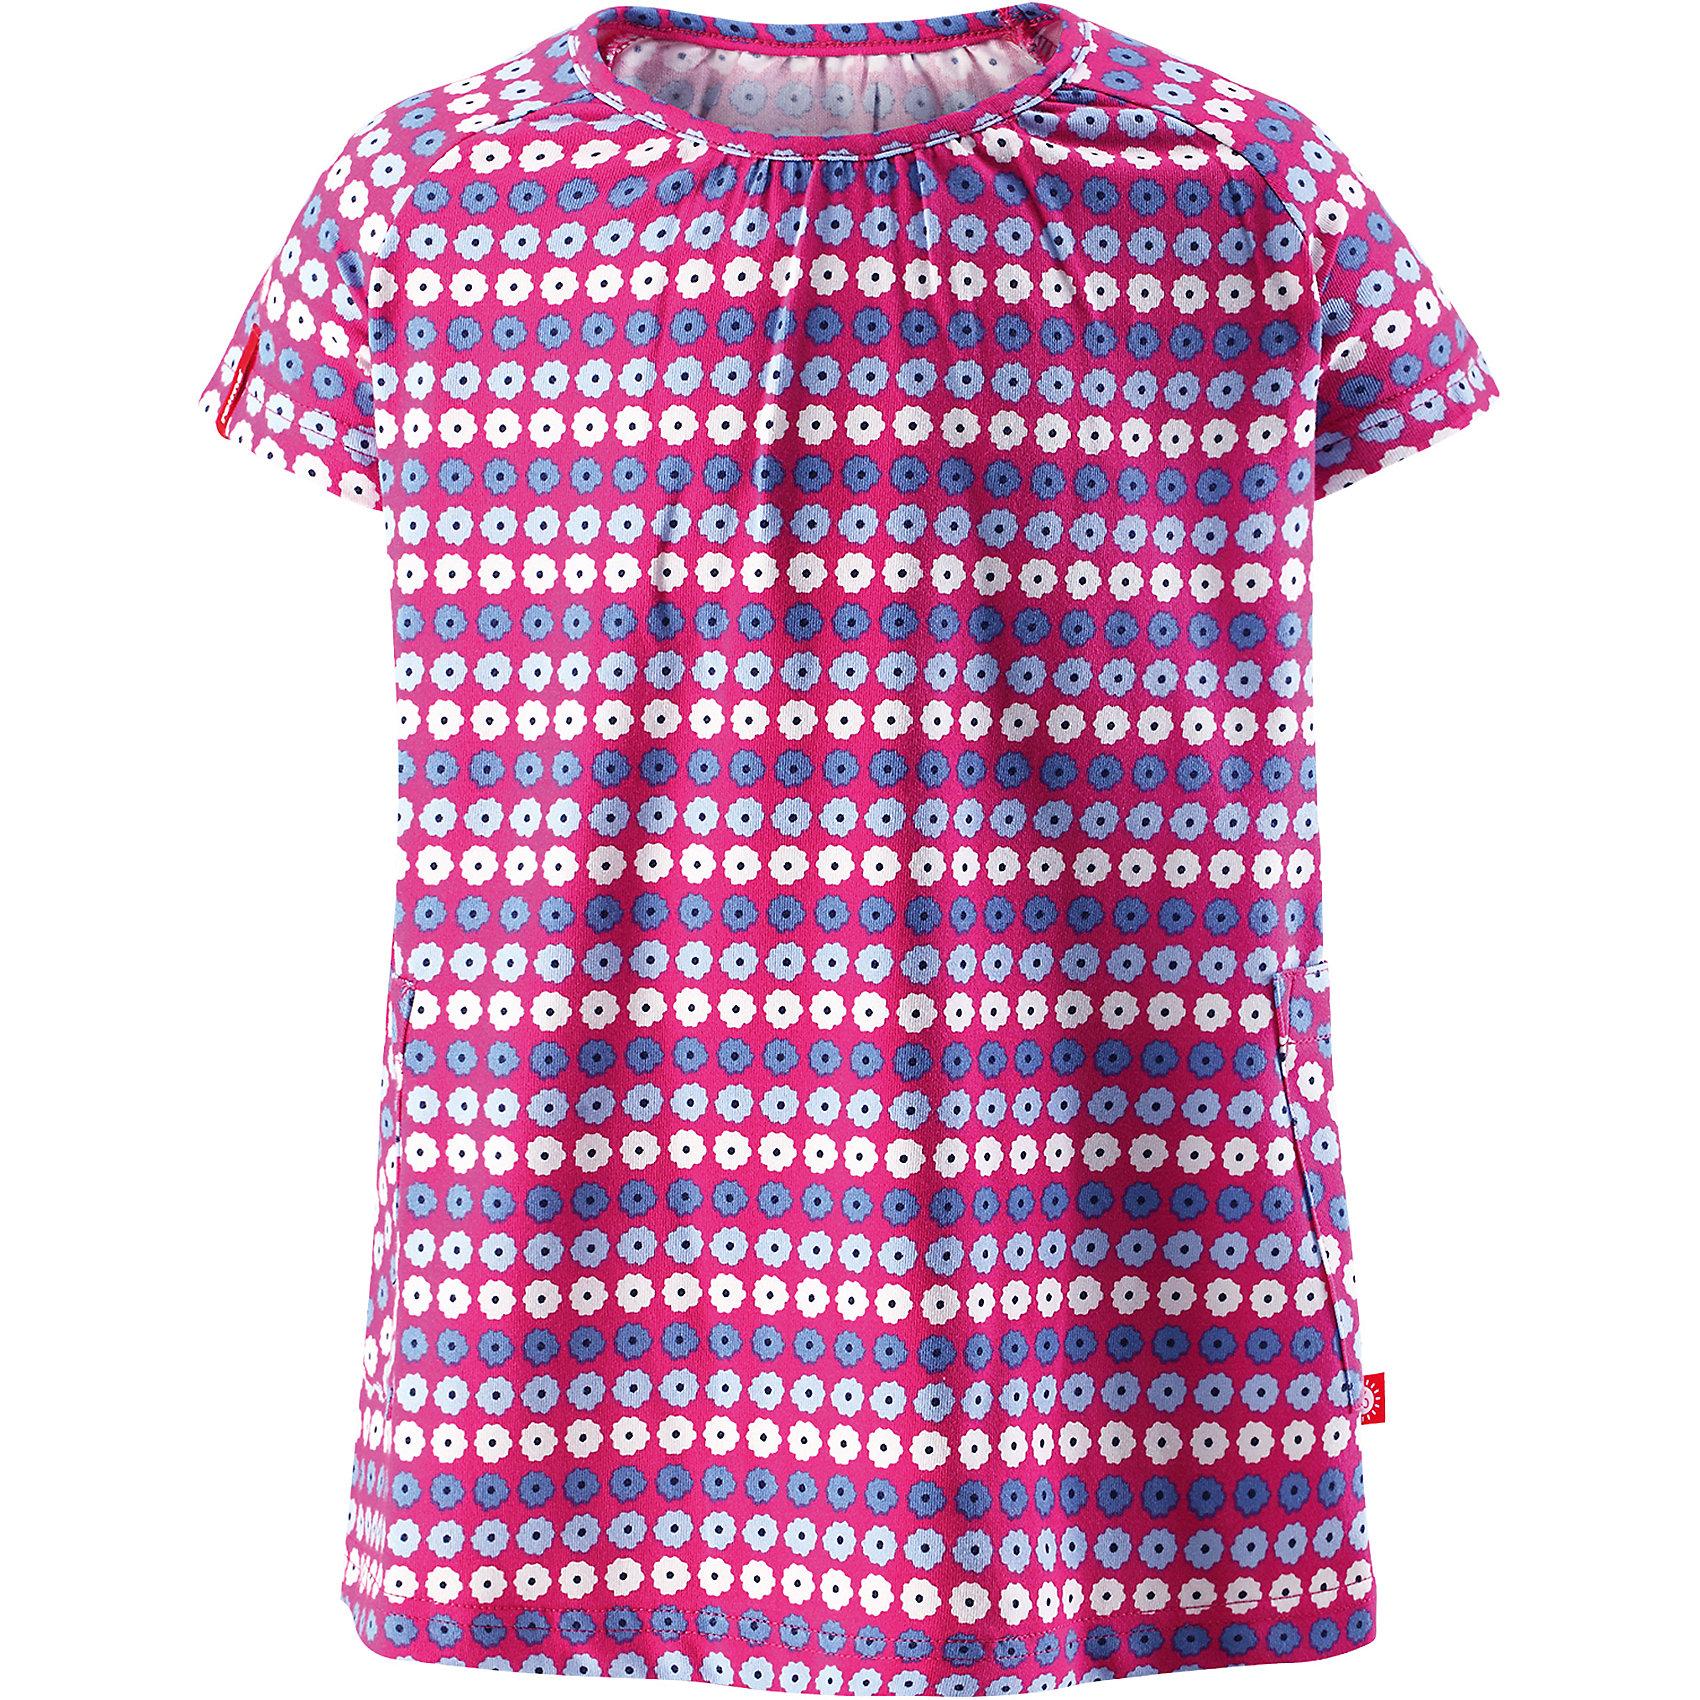 Платье Haili для девочки ReimaОдежда<br>Характеристики товара:<br><br>• цвет: сиреневый<br>• состав: 65% хлопок, 30% полиэстер, 5% эластан<br>• фактор защиты от ультрафиолета 40+<br>• быстросохнущий, приятный на ощупь материал Play Jersey<br>• приятная на ощупь хлопковая поверхность<br>• влагоотводящая изнаночная сторона<br>• трапециевидный силуэт<br>• два накладных кармана<br>• страна бренда: Финляндия<br>• страна производства: Китай<br><br>Одежда может быть модной и комфортной одновременно! Удобное симпатичное платье поможет обеспечить ребенку комфорт - оно не стесняет движения и удобно сидит. Стильный дизайн разрабатывался специально для детей.<br><br>Уход:<br><br>• стирать и гладить, вывернув наизнанку<br>• стирать с бельем одинакового цвета<br>• стирать моющим средством, не содержащим отбеливающие вещества<br>• полоскать без специального средства<br>• придать первоначальную форму вo влажном виде.<br><br>Платье для девочки от финского бренда Reima (Рейма) можно купить в нашем интернет-магазине.<br><br>Ширина мм: 236<br>Глубина мм: 16<br>Высота мм: 184<br>Вес г: 177<br>Цвет: розовый<br>Возраст от месяцев: 36<br>Возраст до месяцев: 48<br>Пол: Женский<br>Возраст: Детский<br>Размер: 104,116,110,98,122,80,86,92,128<br>SKU: 5268182